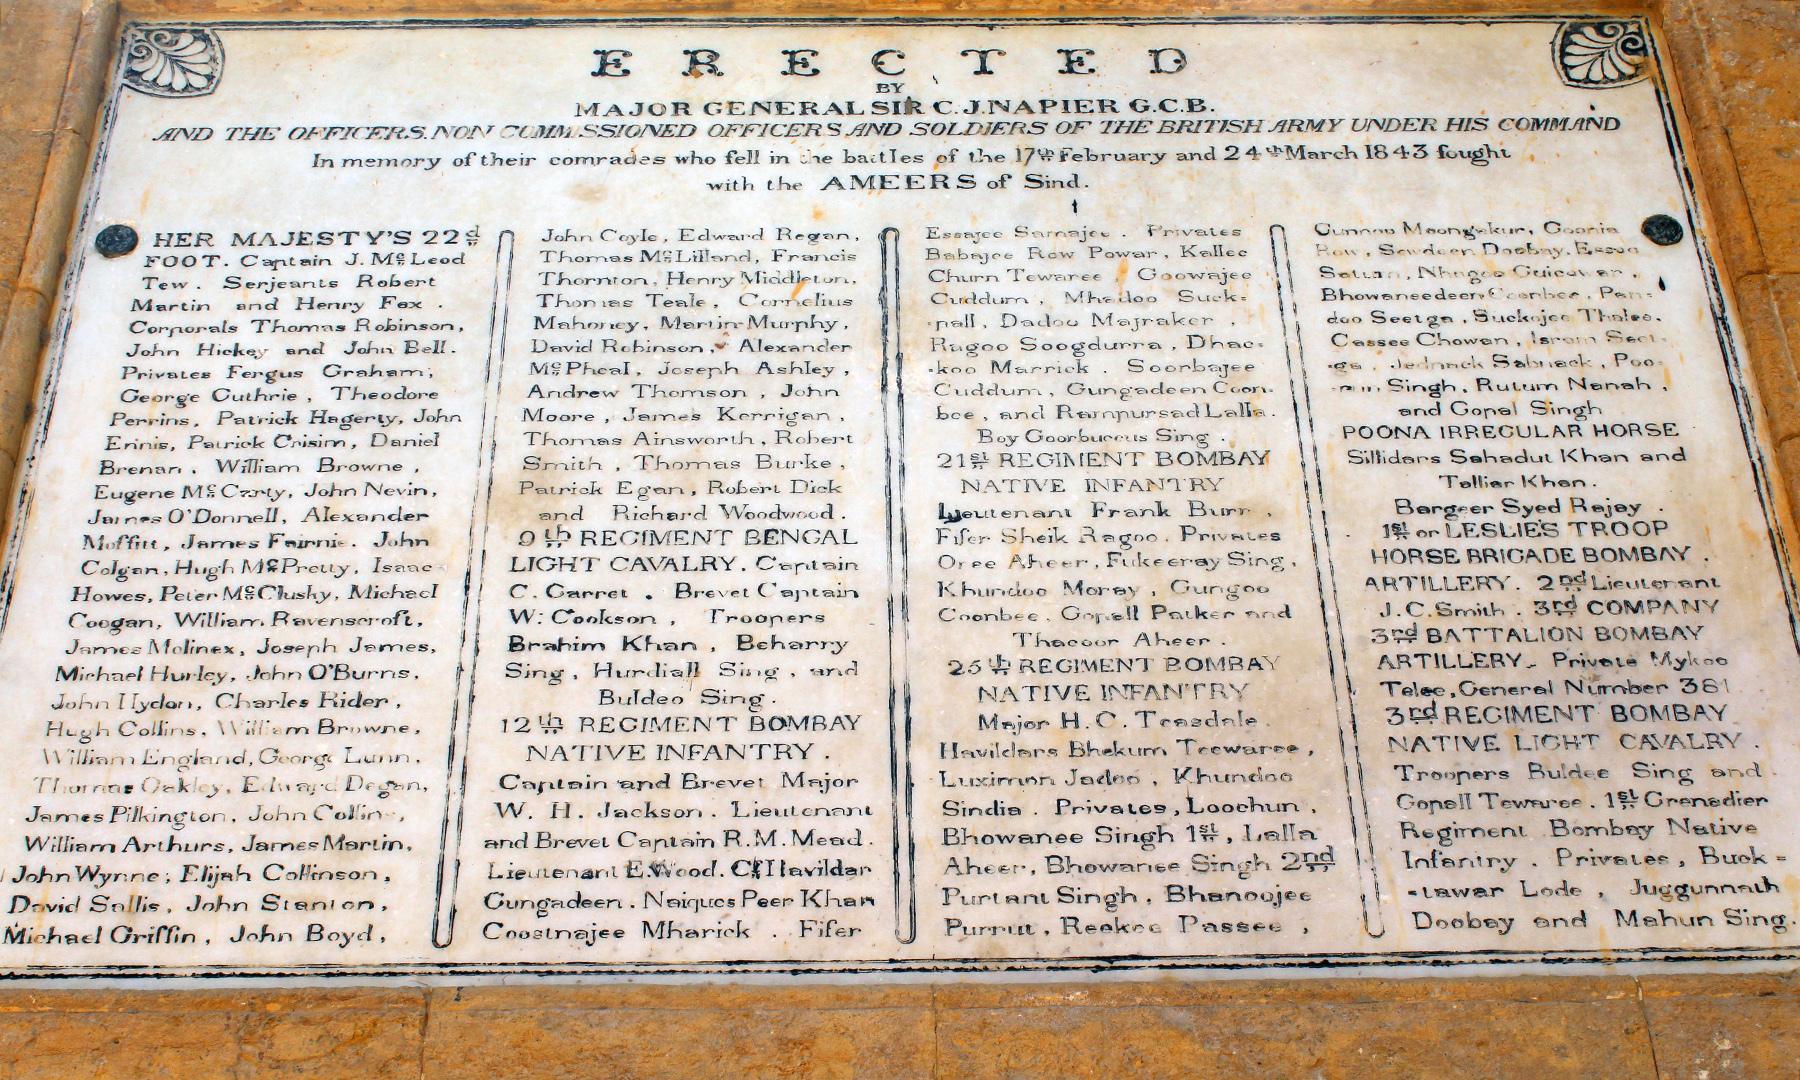 یادگار میں نصب تختی جس پر جنگ میں شریک انگریز سپاہیوں کے نام درج ہیں — تصویر اختر حفیظ